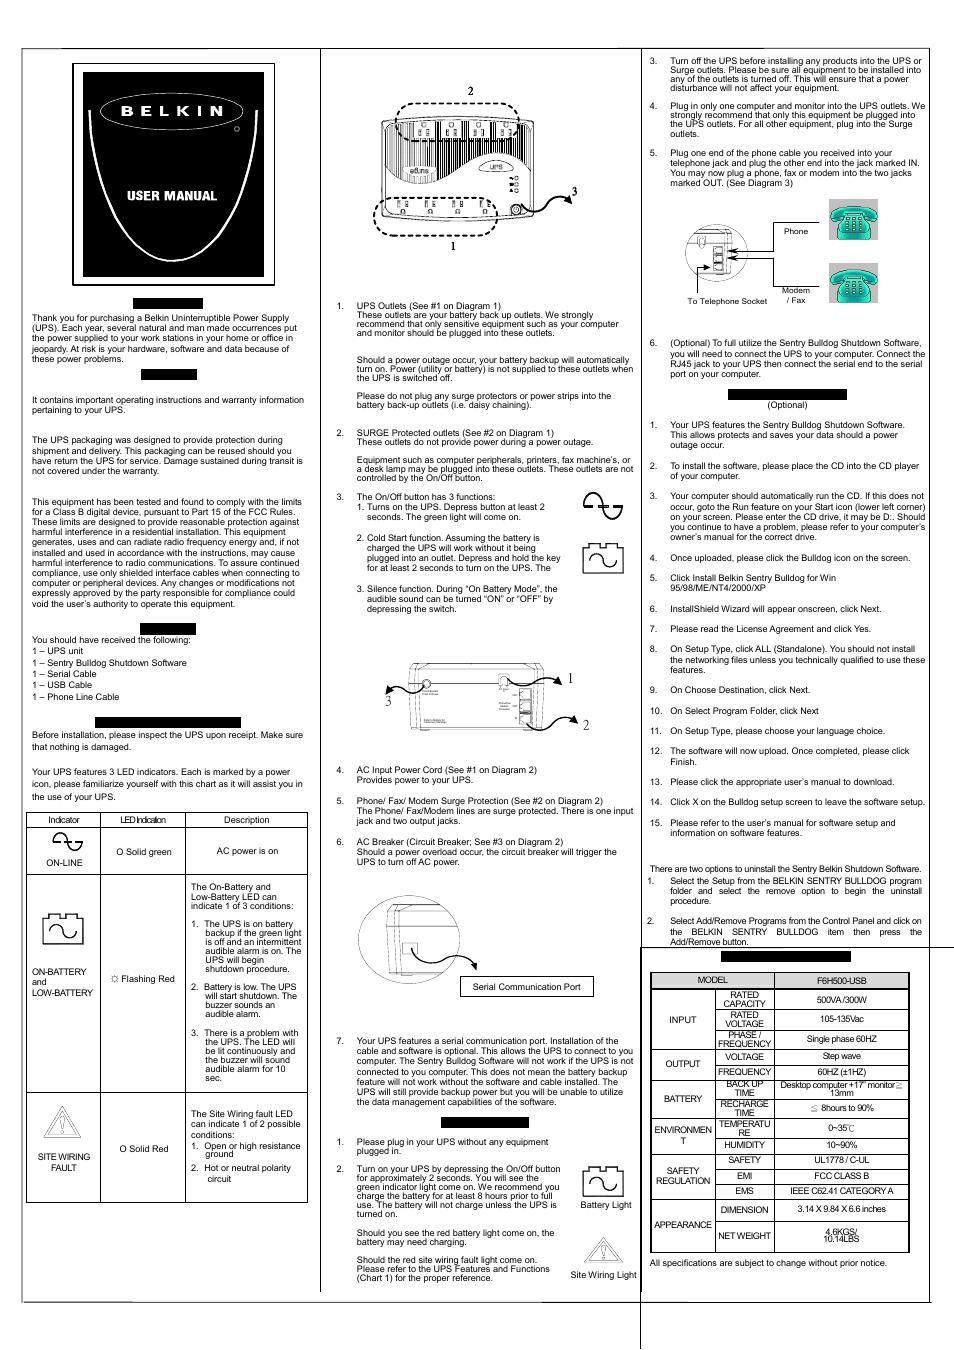 Belkin F6H650-SER User Manual | 2 pages | Also for: F6H500-SER, F6H500-USB,  F6H350-SER